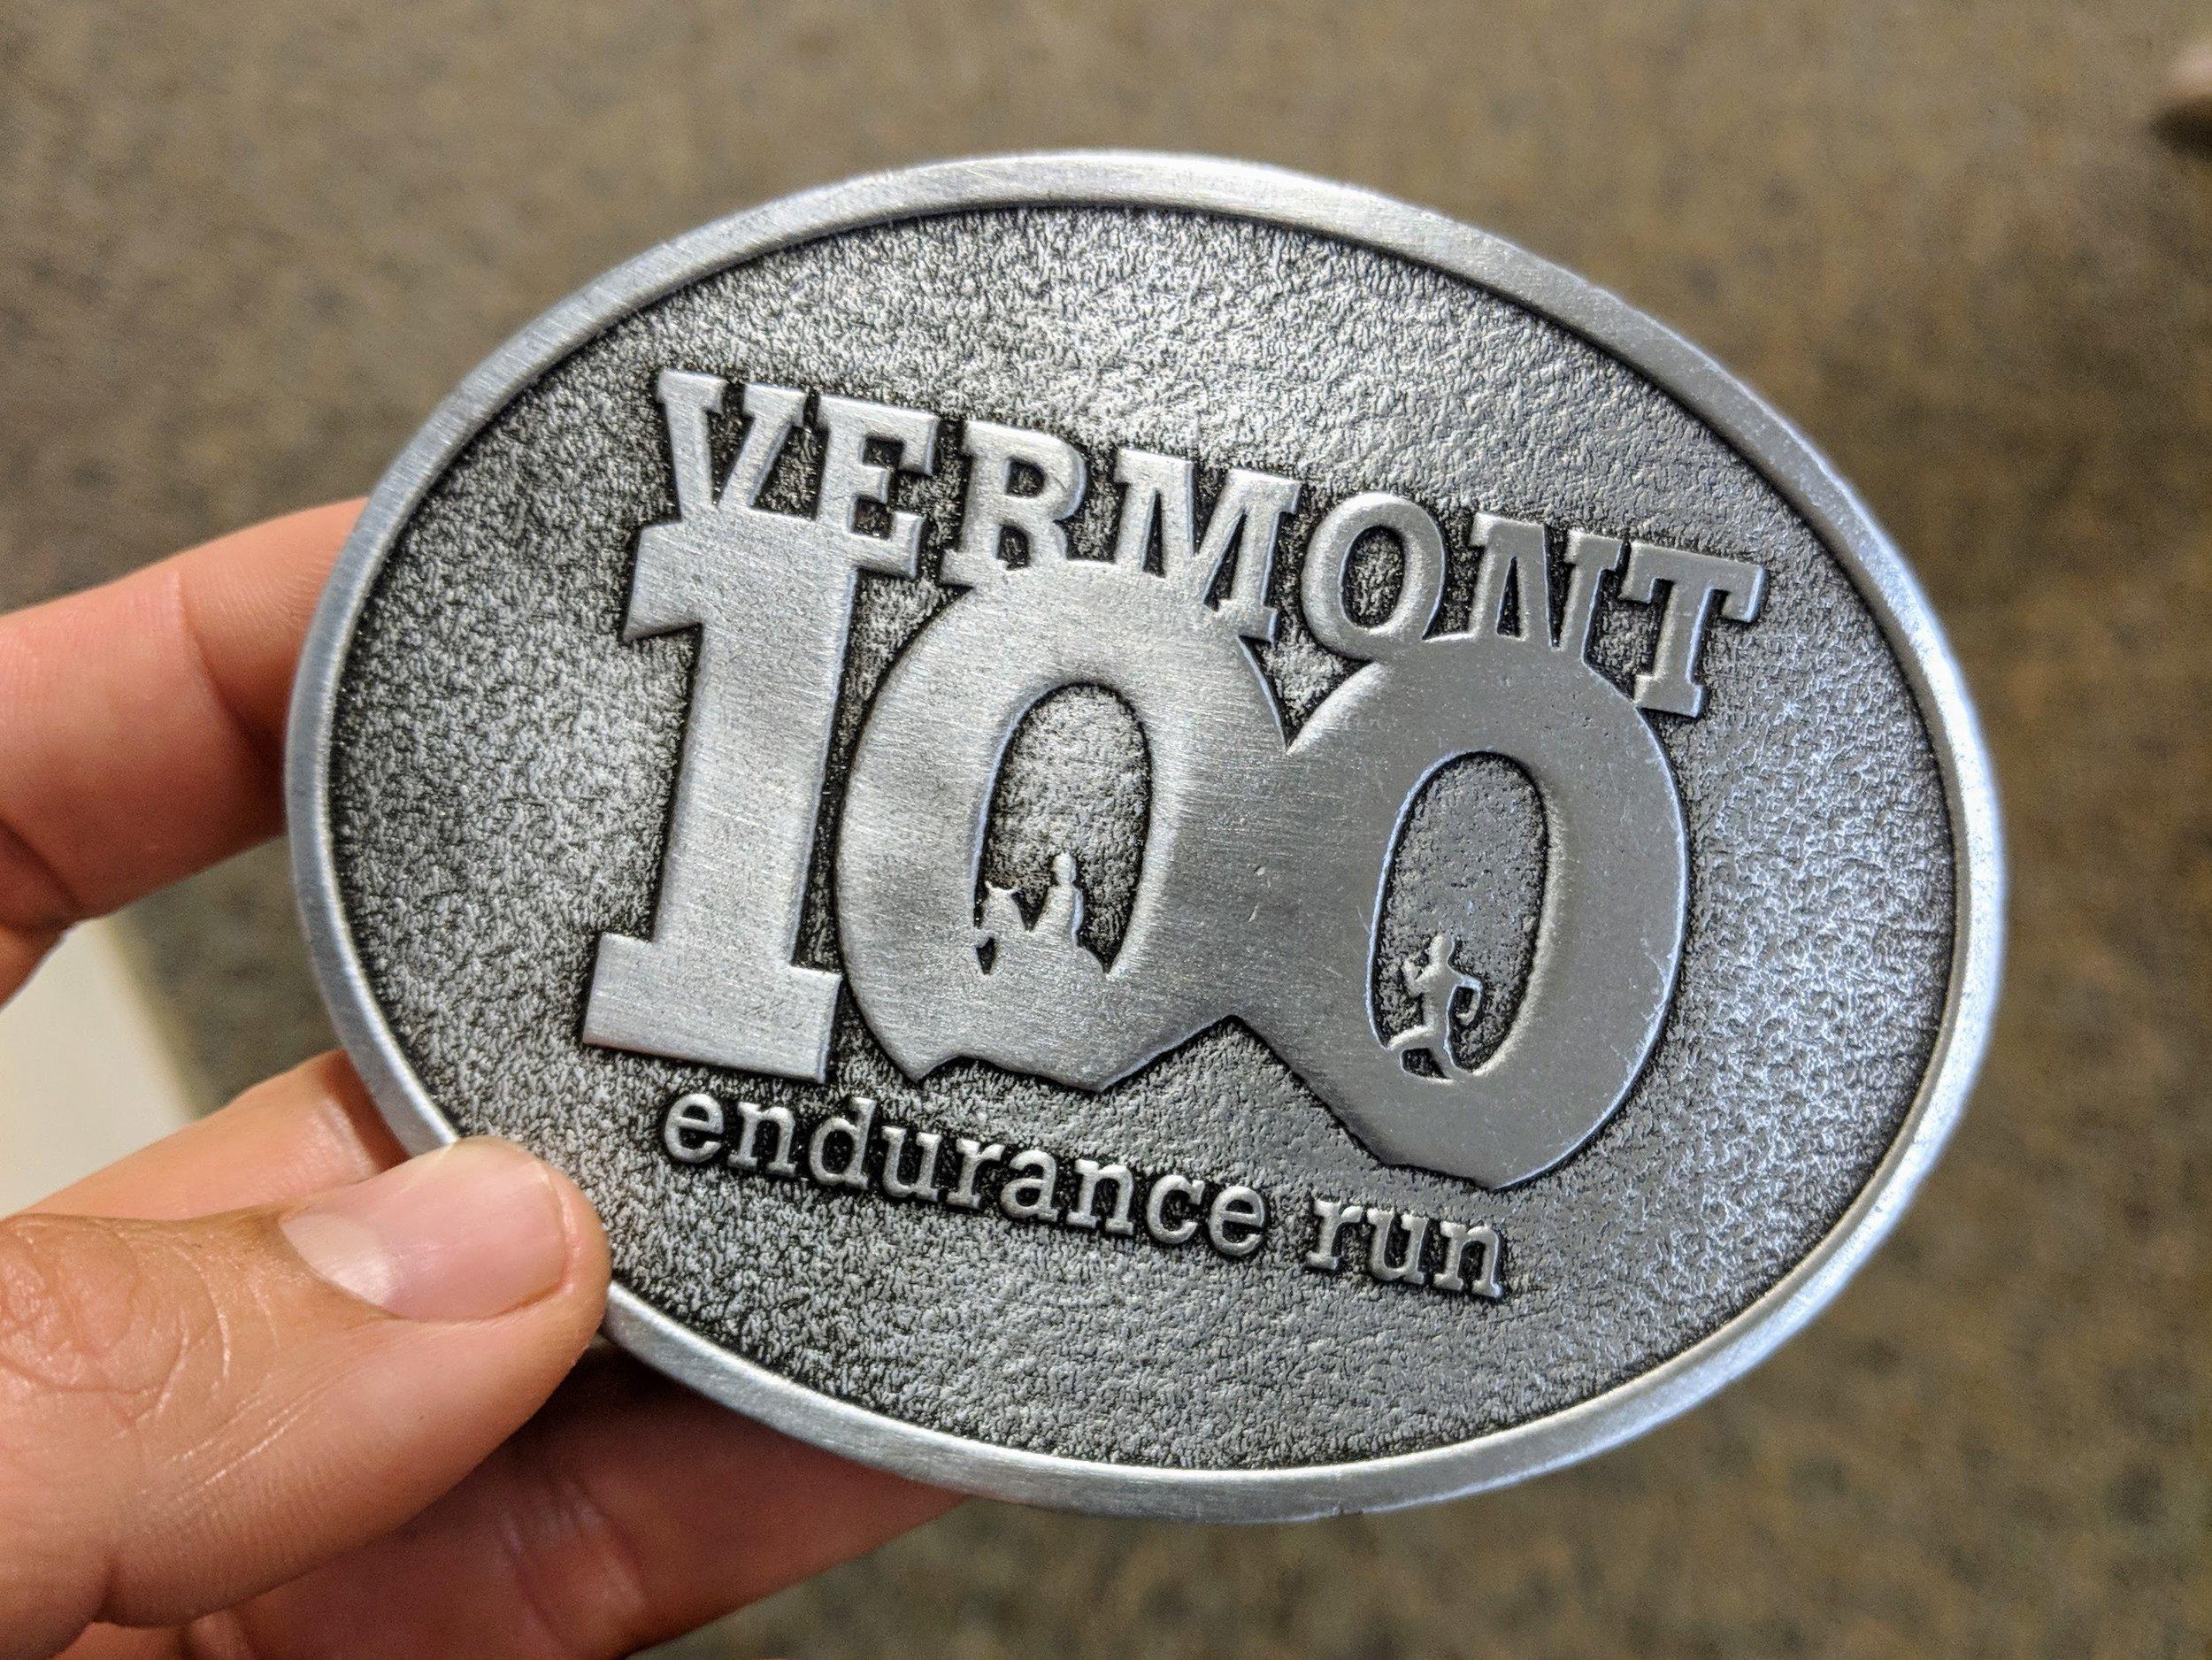 Robert's Vermont 100 belt buckle